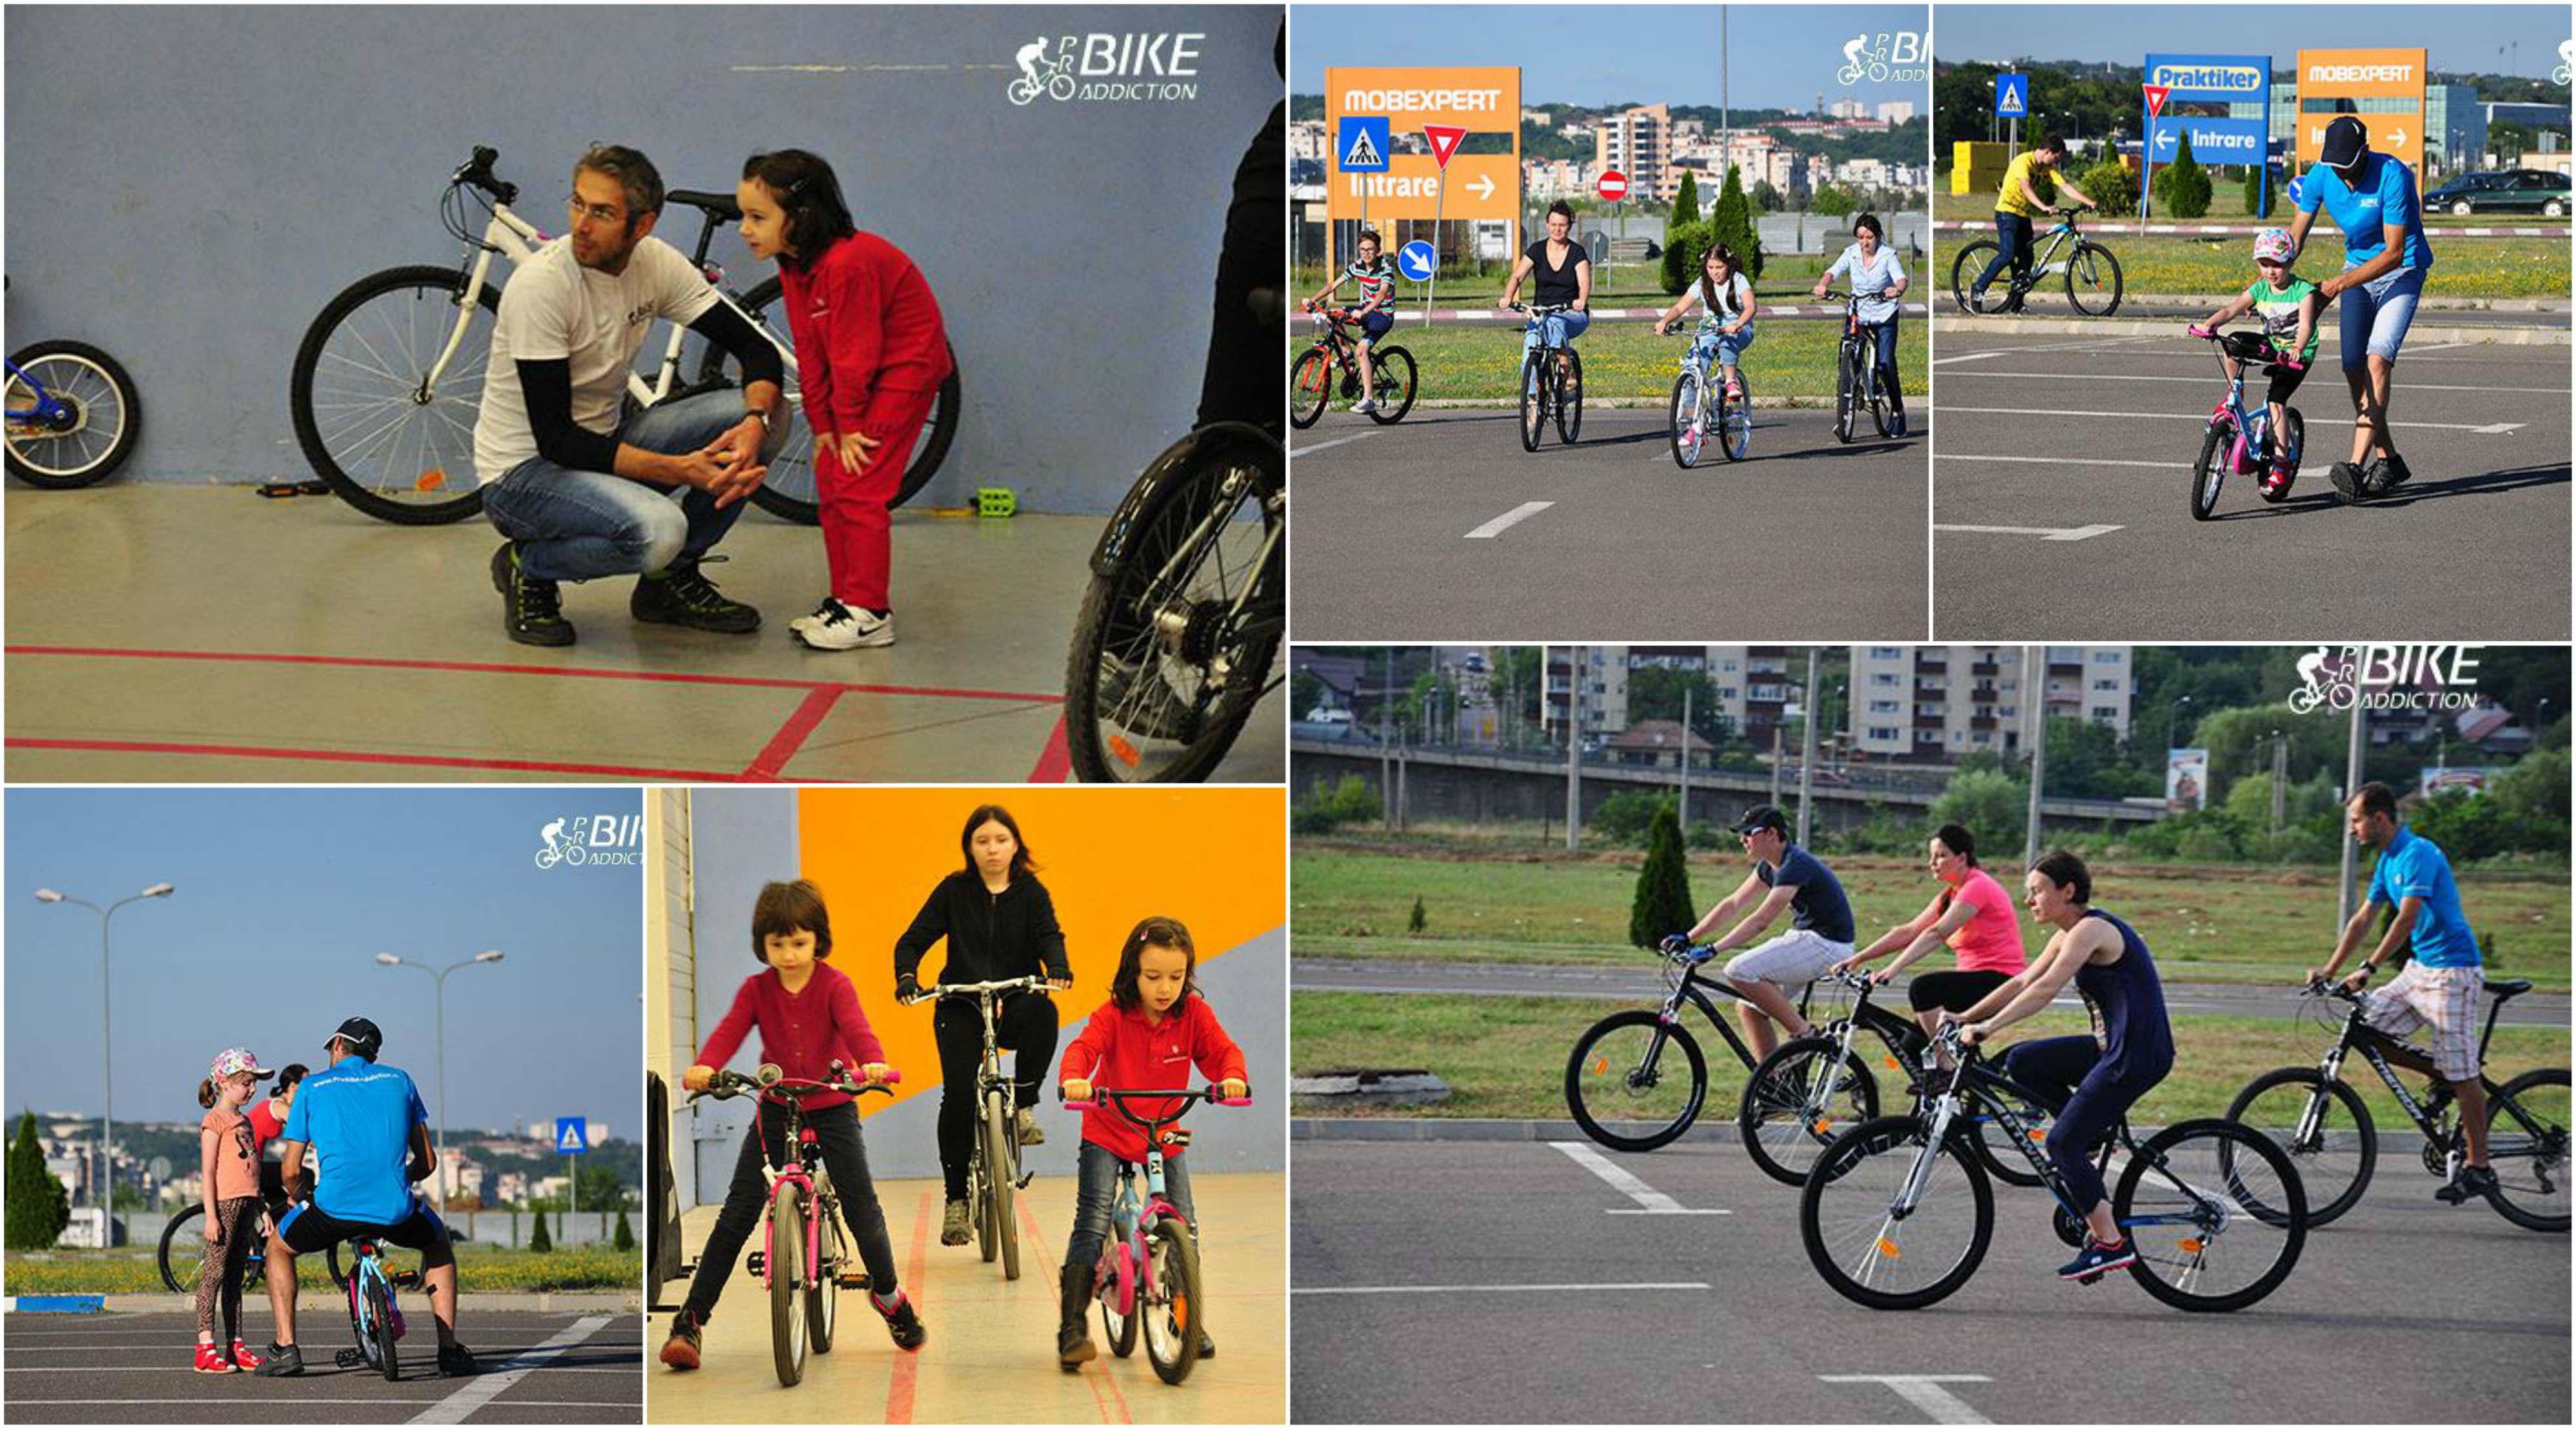 probikeaddiction cursuri de invtat mersul pe bicicleta